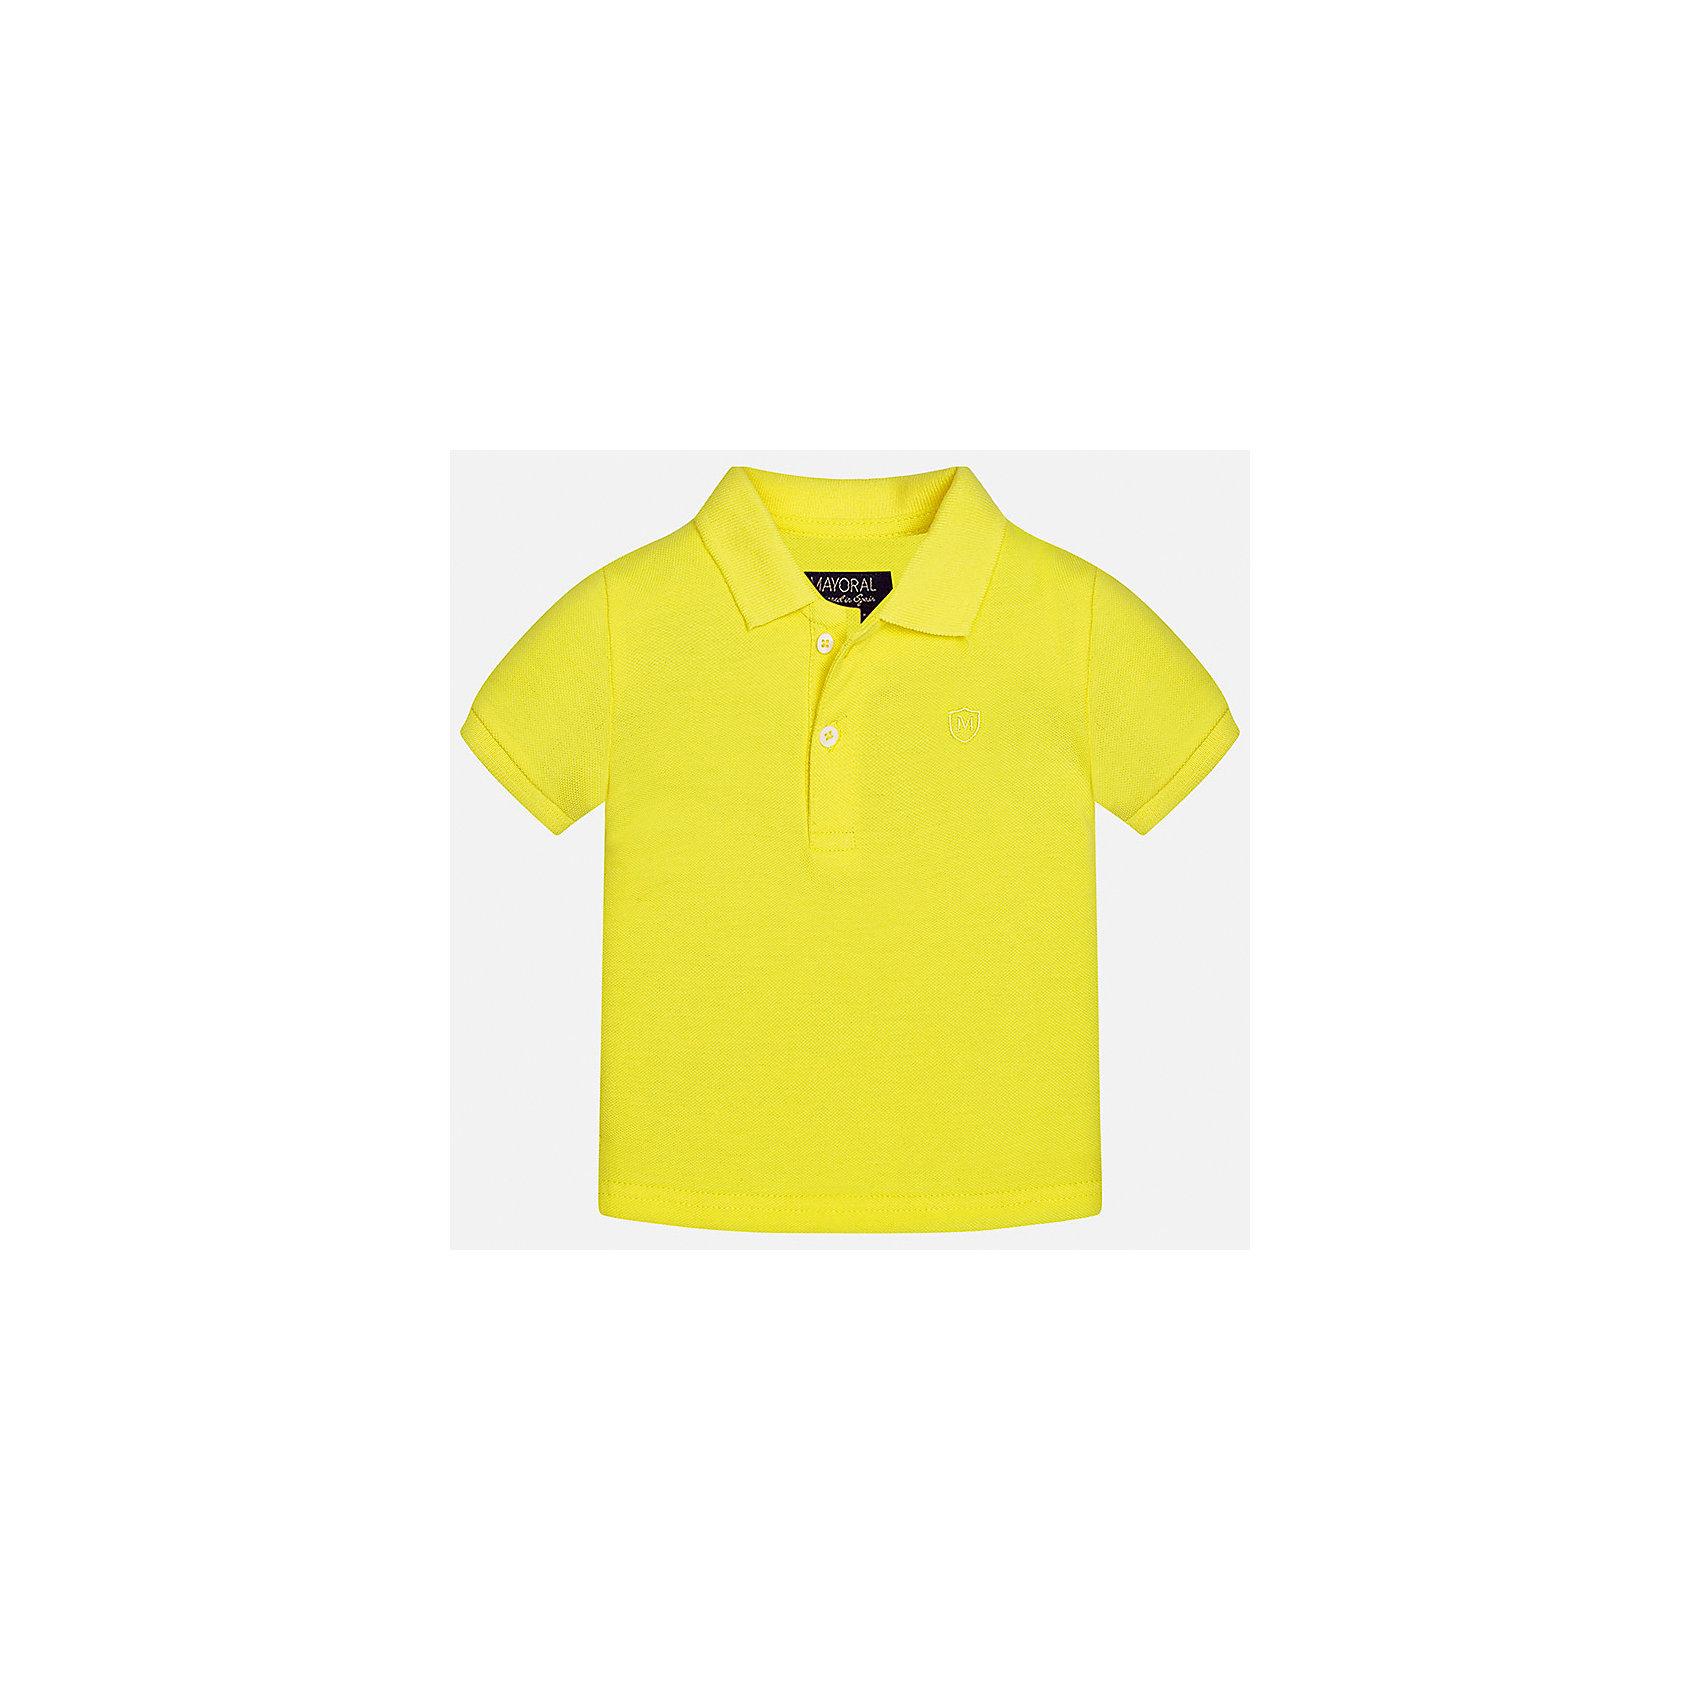 Футболка-поло для мальчика MayoralФутболки, топы<br>Характеристики товара:<br><br>• цвет: желтый<br>• состав: 100% хлопок<br>• отложной воротник<br>• короткие рукава<br>• застежка: пуговицы<br>• вышивка на груди<br>• страна бренда: Испания<br><br>Удобная и модная футболка-поло для мальчика может стать базовой вещью в гардеробе ребенка. Она отлично сочетается с брюками, шортами, джинсами и т.д. Универсальный крой и цвет позволяет подобрать к вещи низ разных расцветок. Практичное и стильное изделие! В составе материала - только натуральный хлопок, гипоаллергенный, приятный на ощупь, дышащий.<br><br>Одежда, обувь и аксессуары от испанского бренда Mayoral полюбились детям и взрослым по всему миру. Модели этой марки - стильные и удобные. Для их производства используются только безопасные, качественные материалы и фурнитура. Порадуйте ребенка модными и красивыми вещами от Mayoral! <br><br>Футболку-поло для мальчика от испанского бренда Mayoral (Майорал) можно купить в нашем интернет-магазине.<br><br>Ширина мм: 230<br>Глубина мм: 40<br>Высота мм: 220<br>Вес г: 250<br>Цвет: желтый<br>Возраст от месяцев: 6<br>Возраст до месяцев: 9<br>Пол: Мужской<br>Возраст: Детский<br>Размер: 74,92,86,80<br>SKU: 5277653